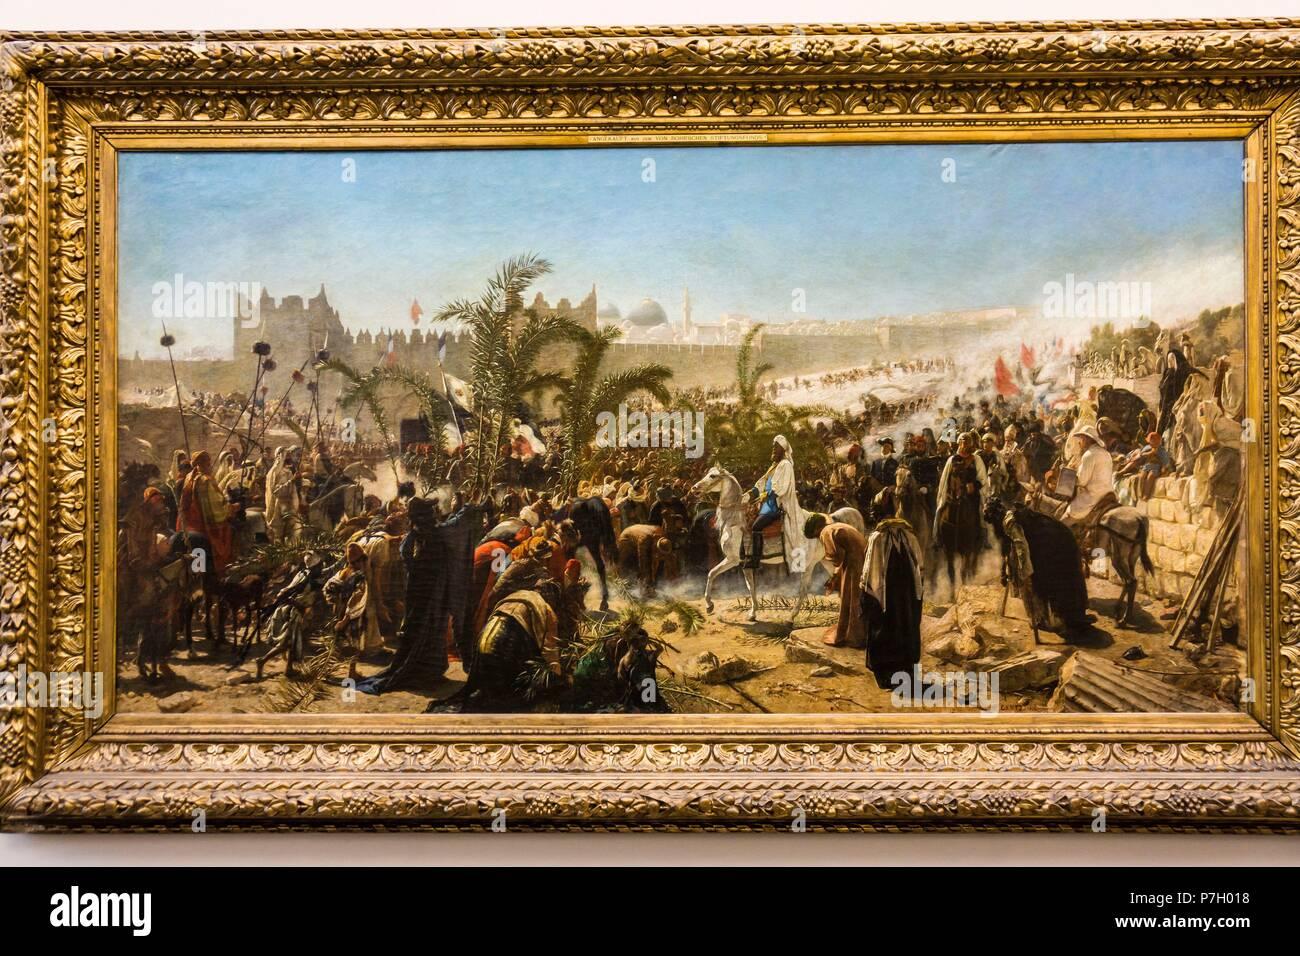 La llegada del príncipe heredero de Prusia en Jerusalem 4 de noviembre de 1869, Alte Nationalgalerie ,Antigua Galería Nacional, Isla de los Museos, Berlin, Alemania, europe. - Stock Image